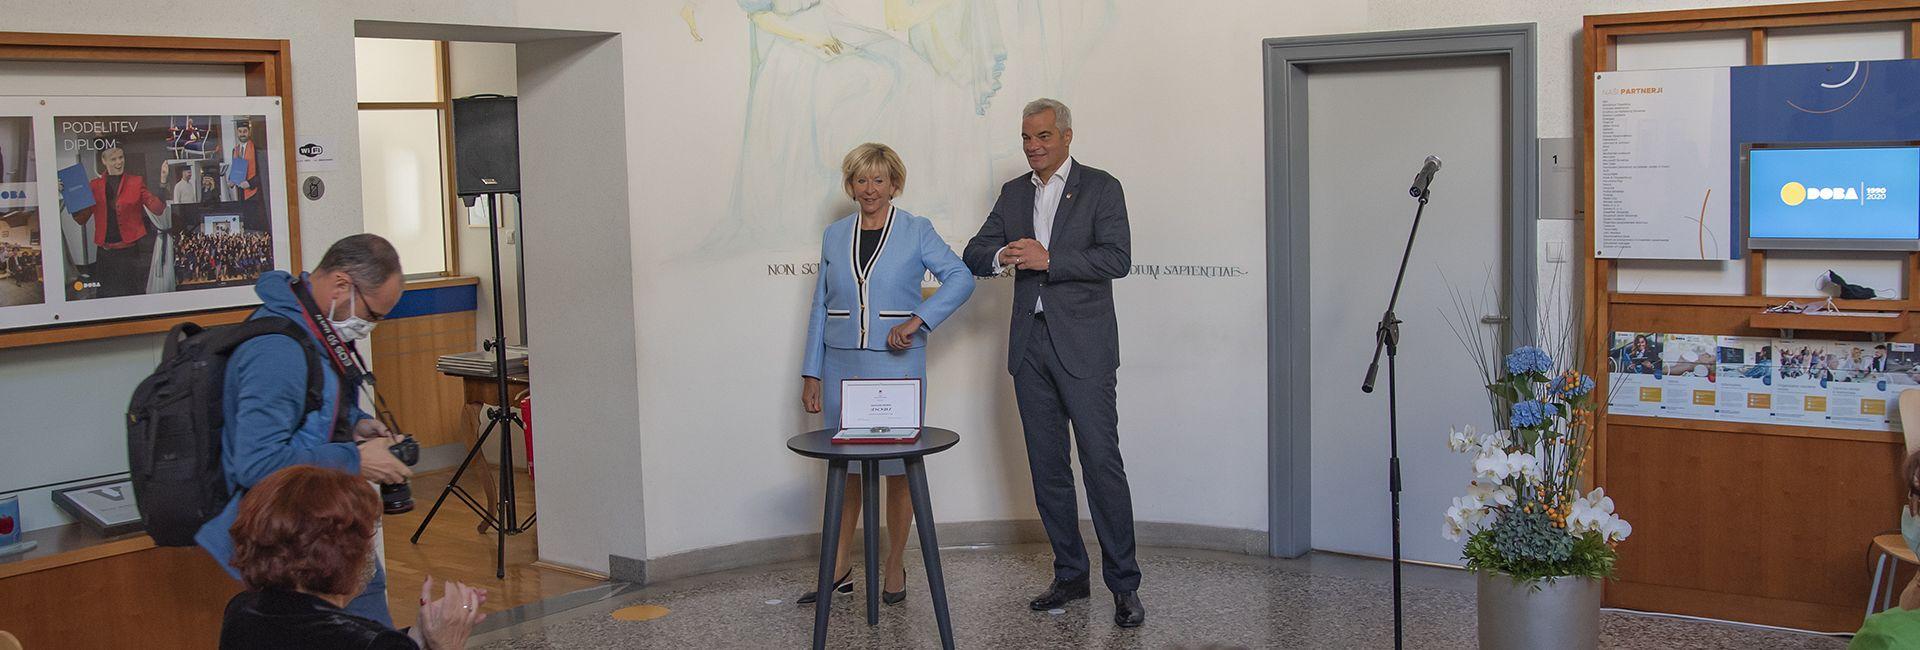 Župan mesta Maribor DOBI ob 30. obletnici podelil mestni pečat